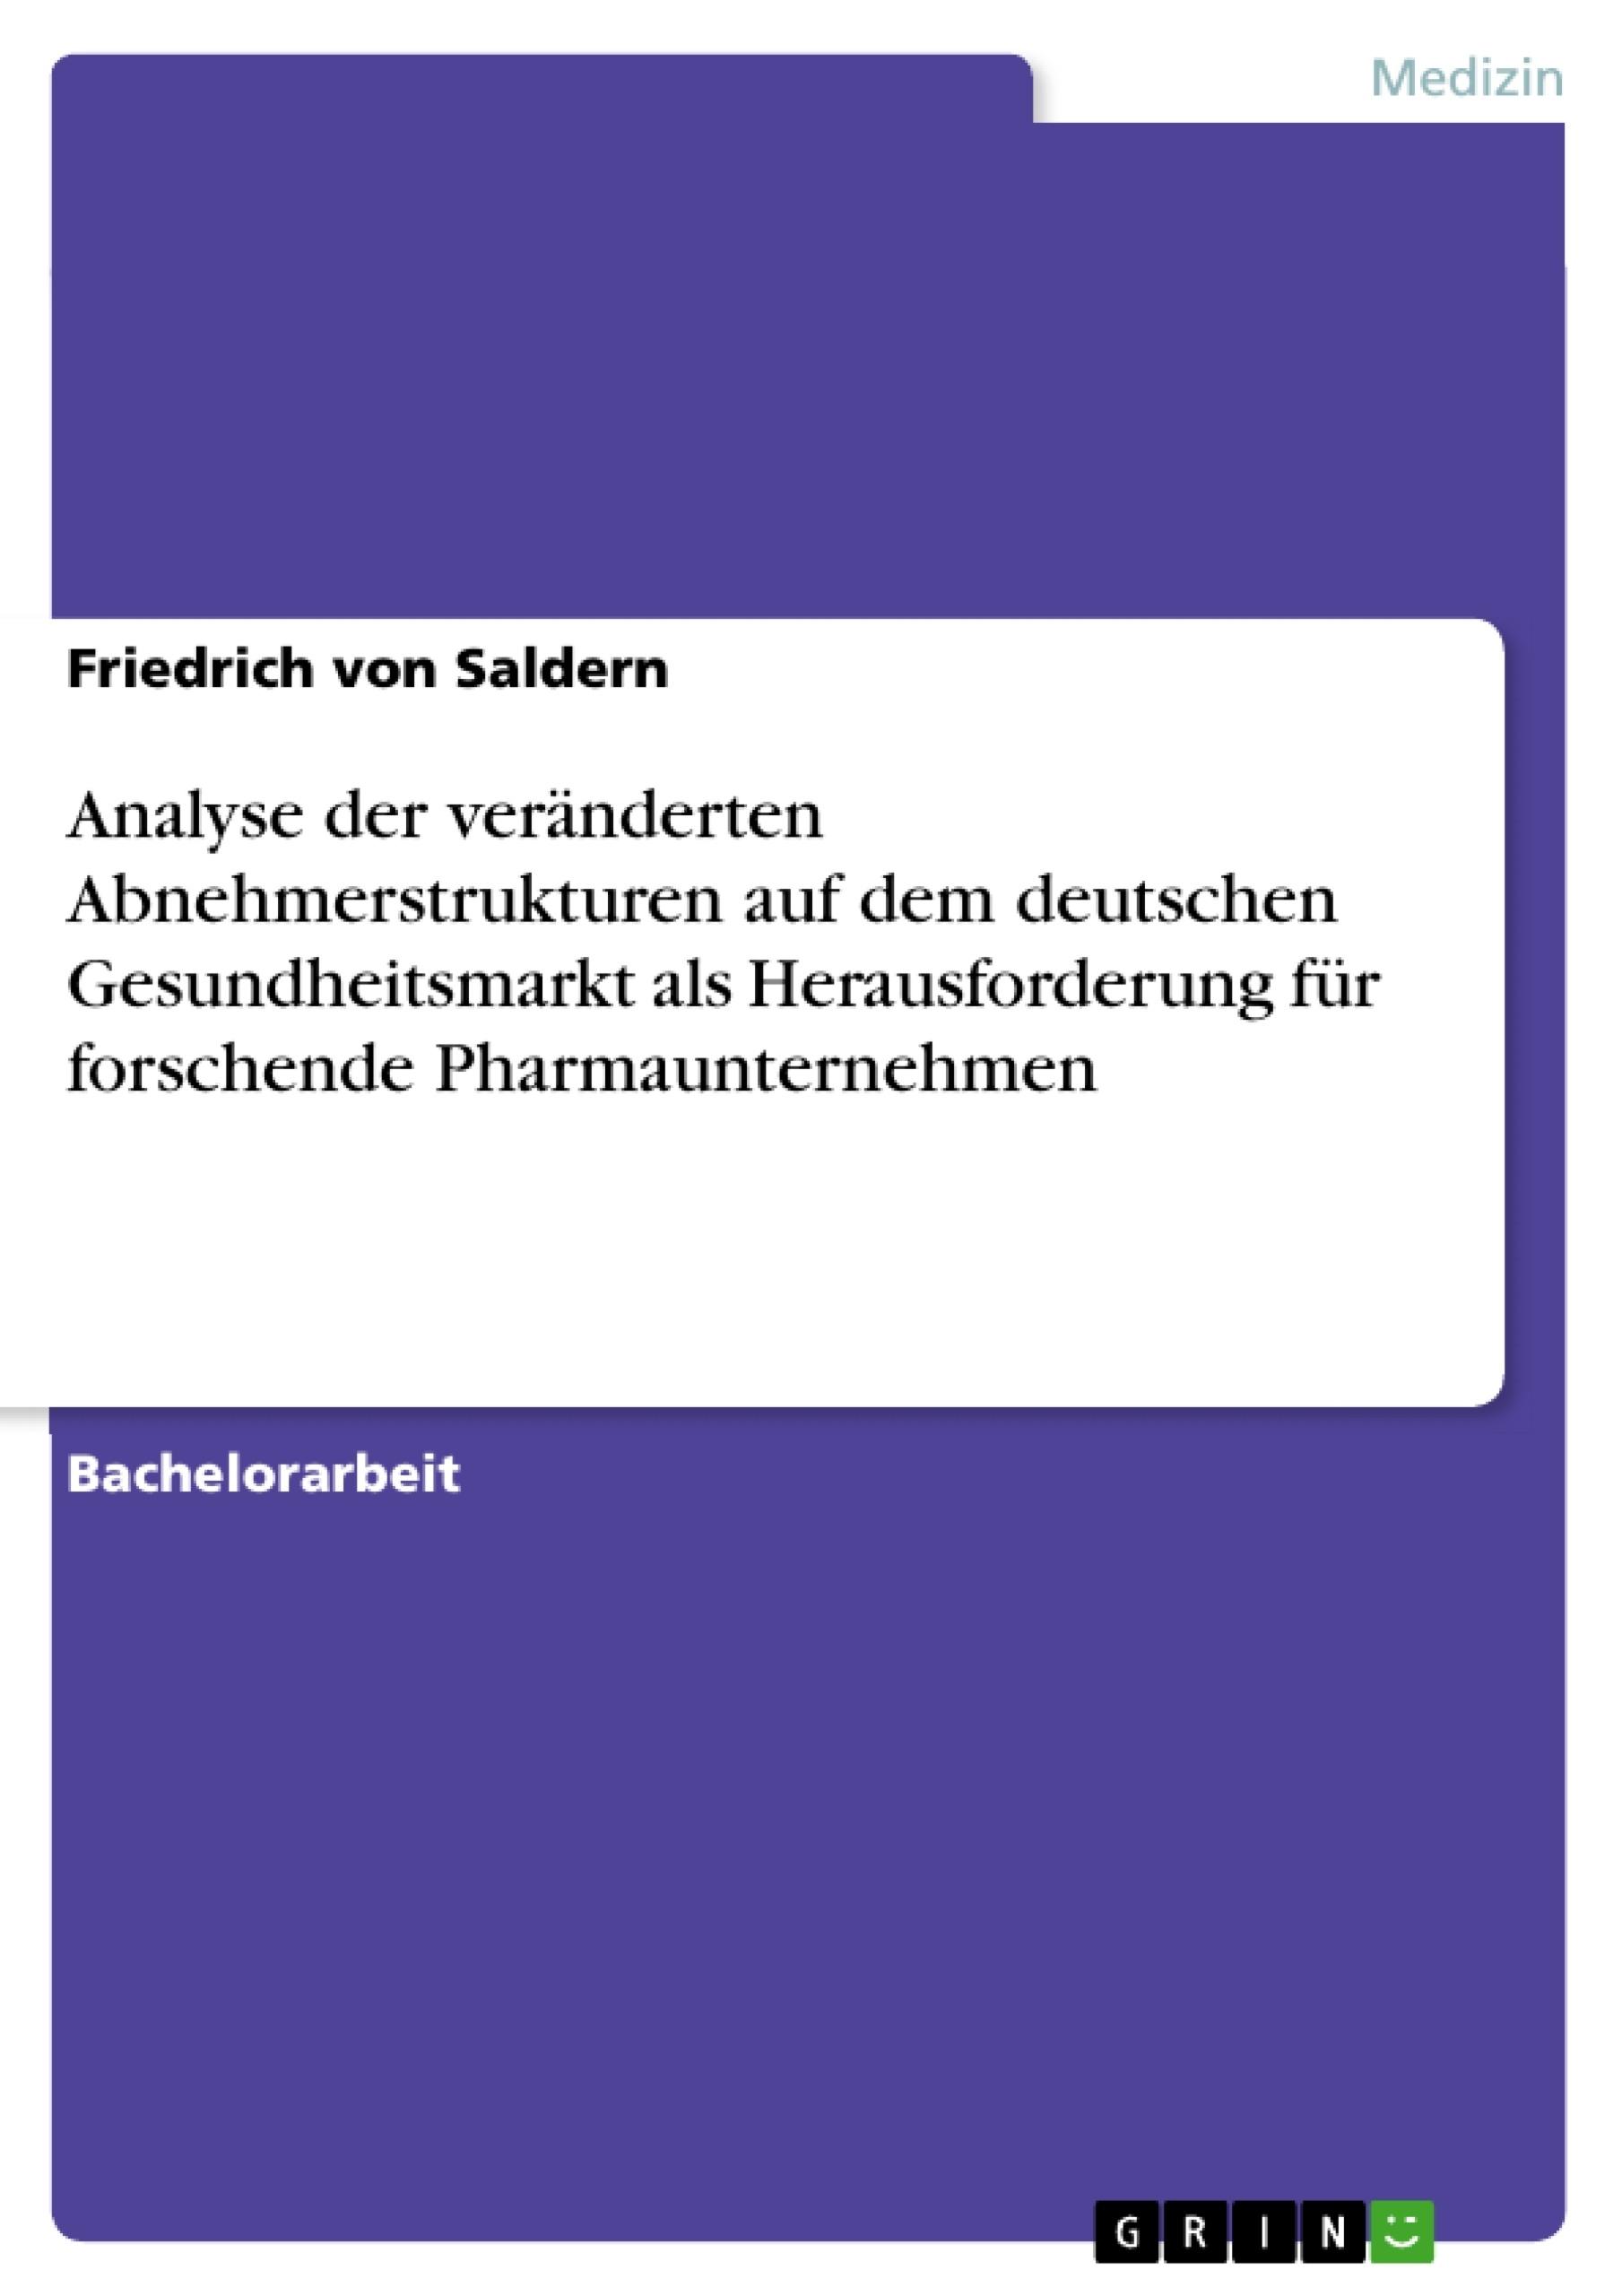 Titel: Analyse der veränderten Abnehmerstrukturen auf dem deutschen Gesundheitsmarkt als Herausforderung für forschende Pharmaunternehmen